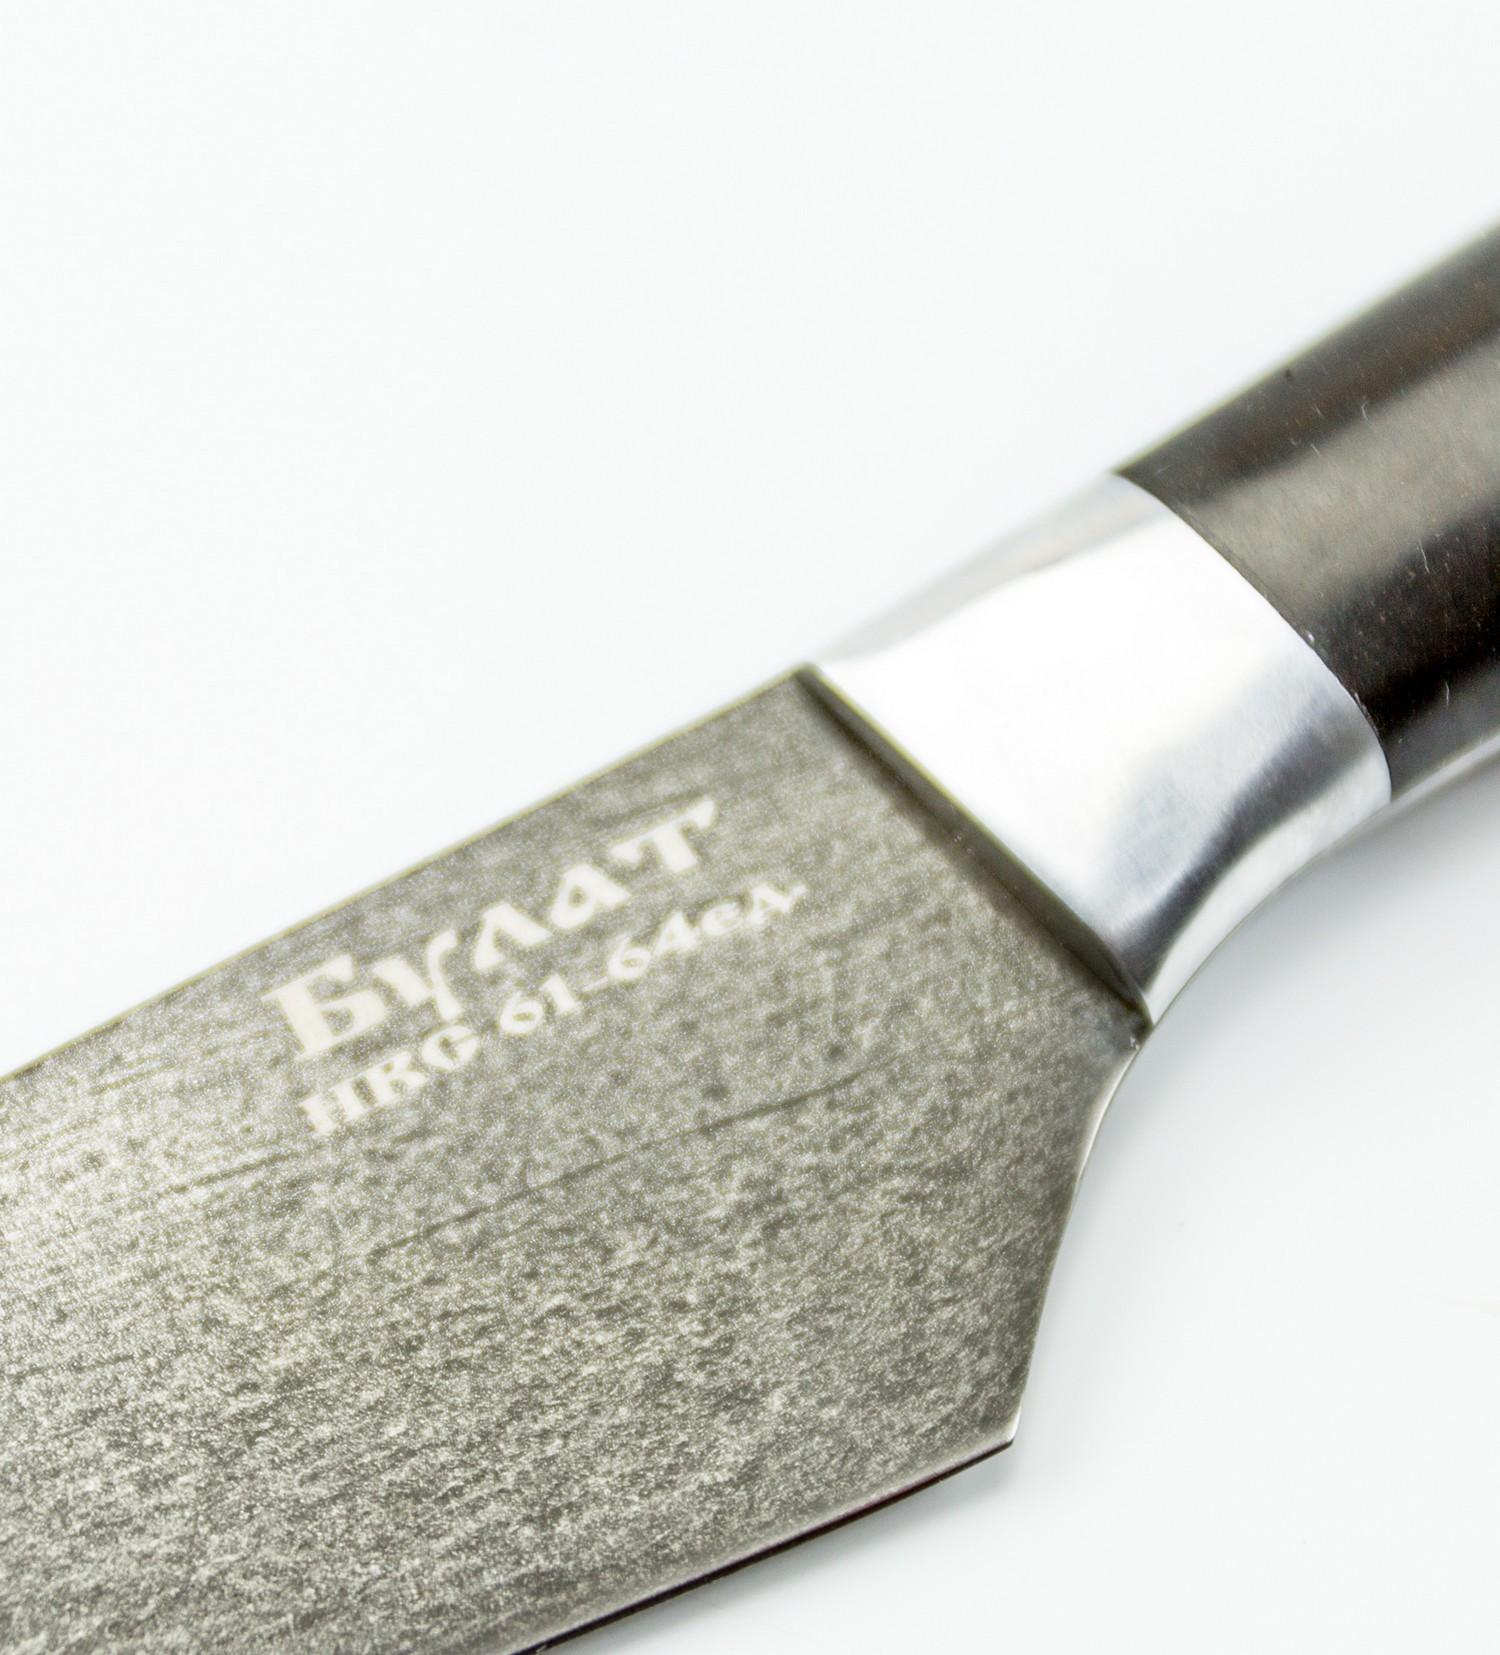 Фото 11 - Нож Кулинар малый, булатная сталь от Кузница Коваль